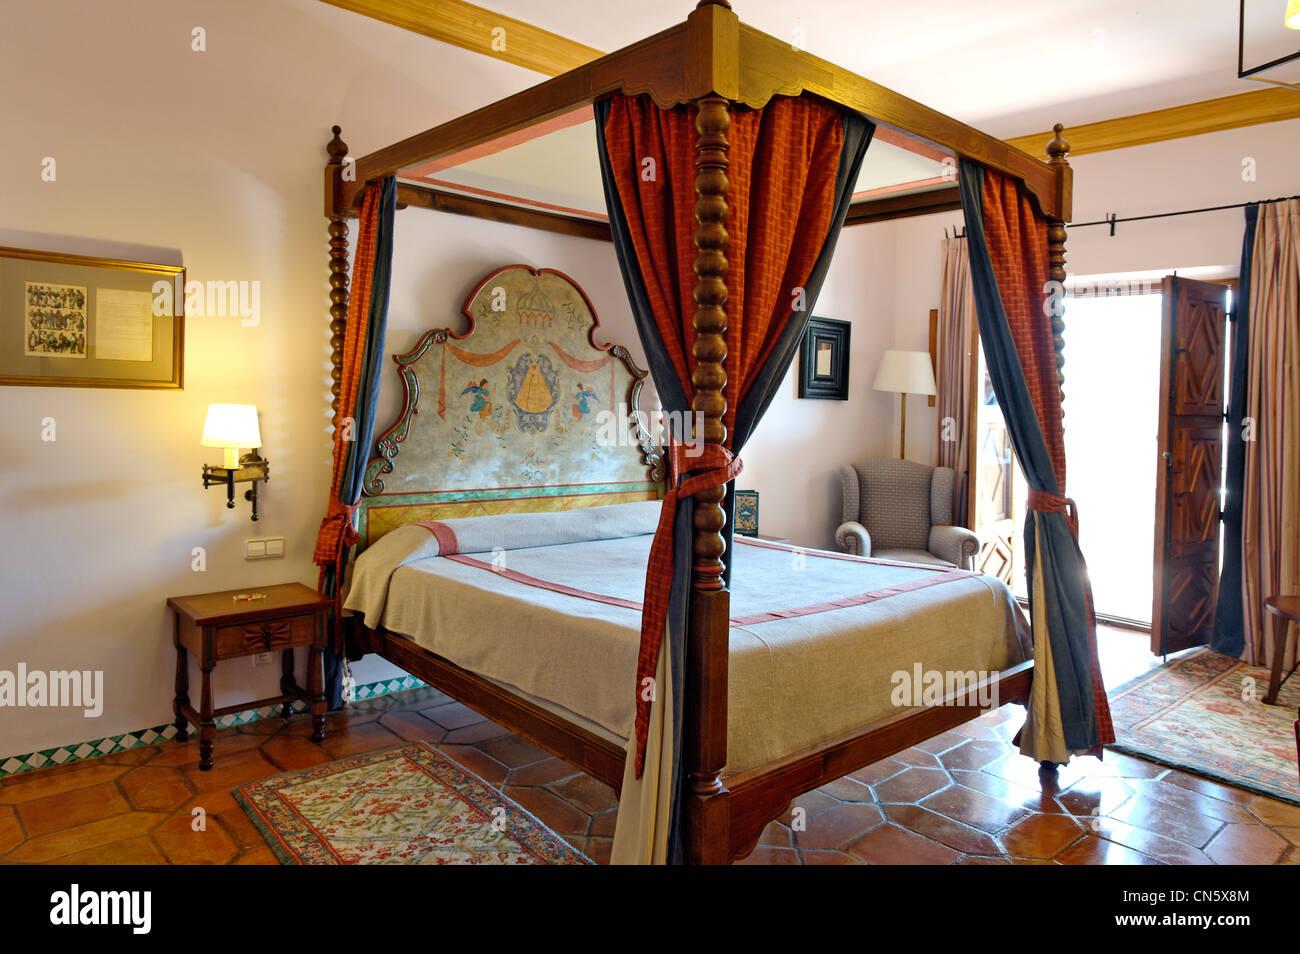 Spanien, Extremadura, Guadalupe, Parador für Tourismus, Baldachin-Bett in einem Schlafzimmer Stockbild